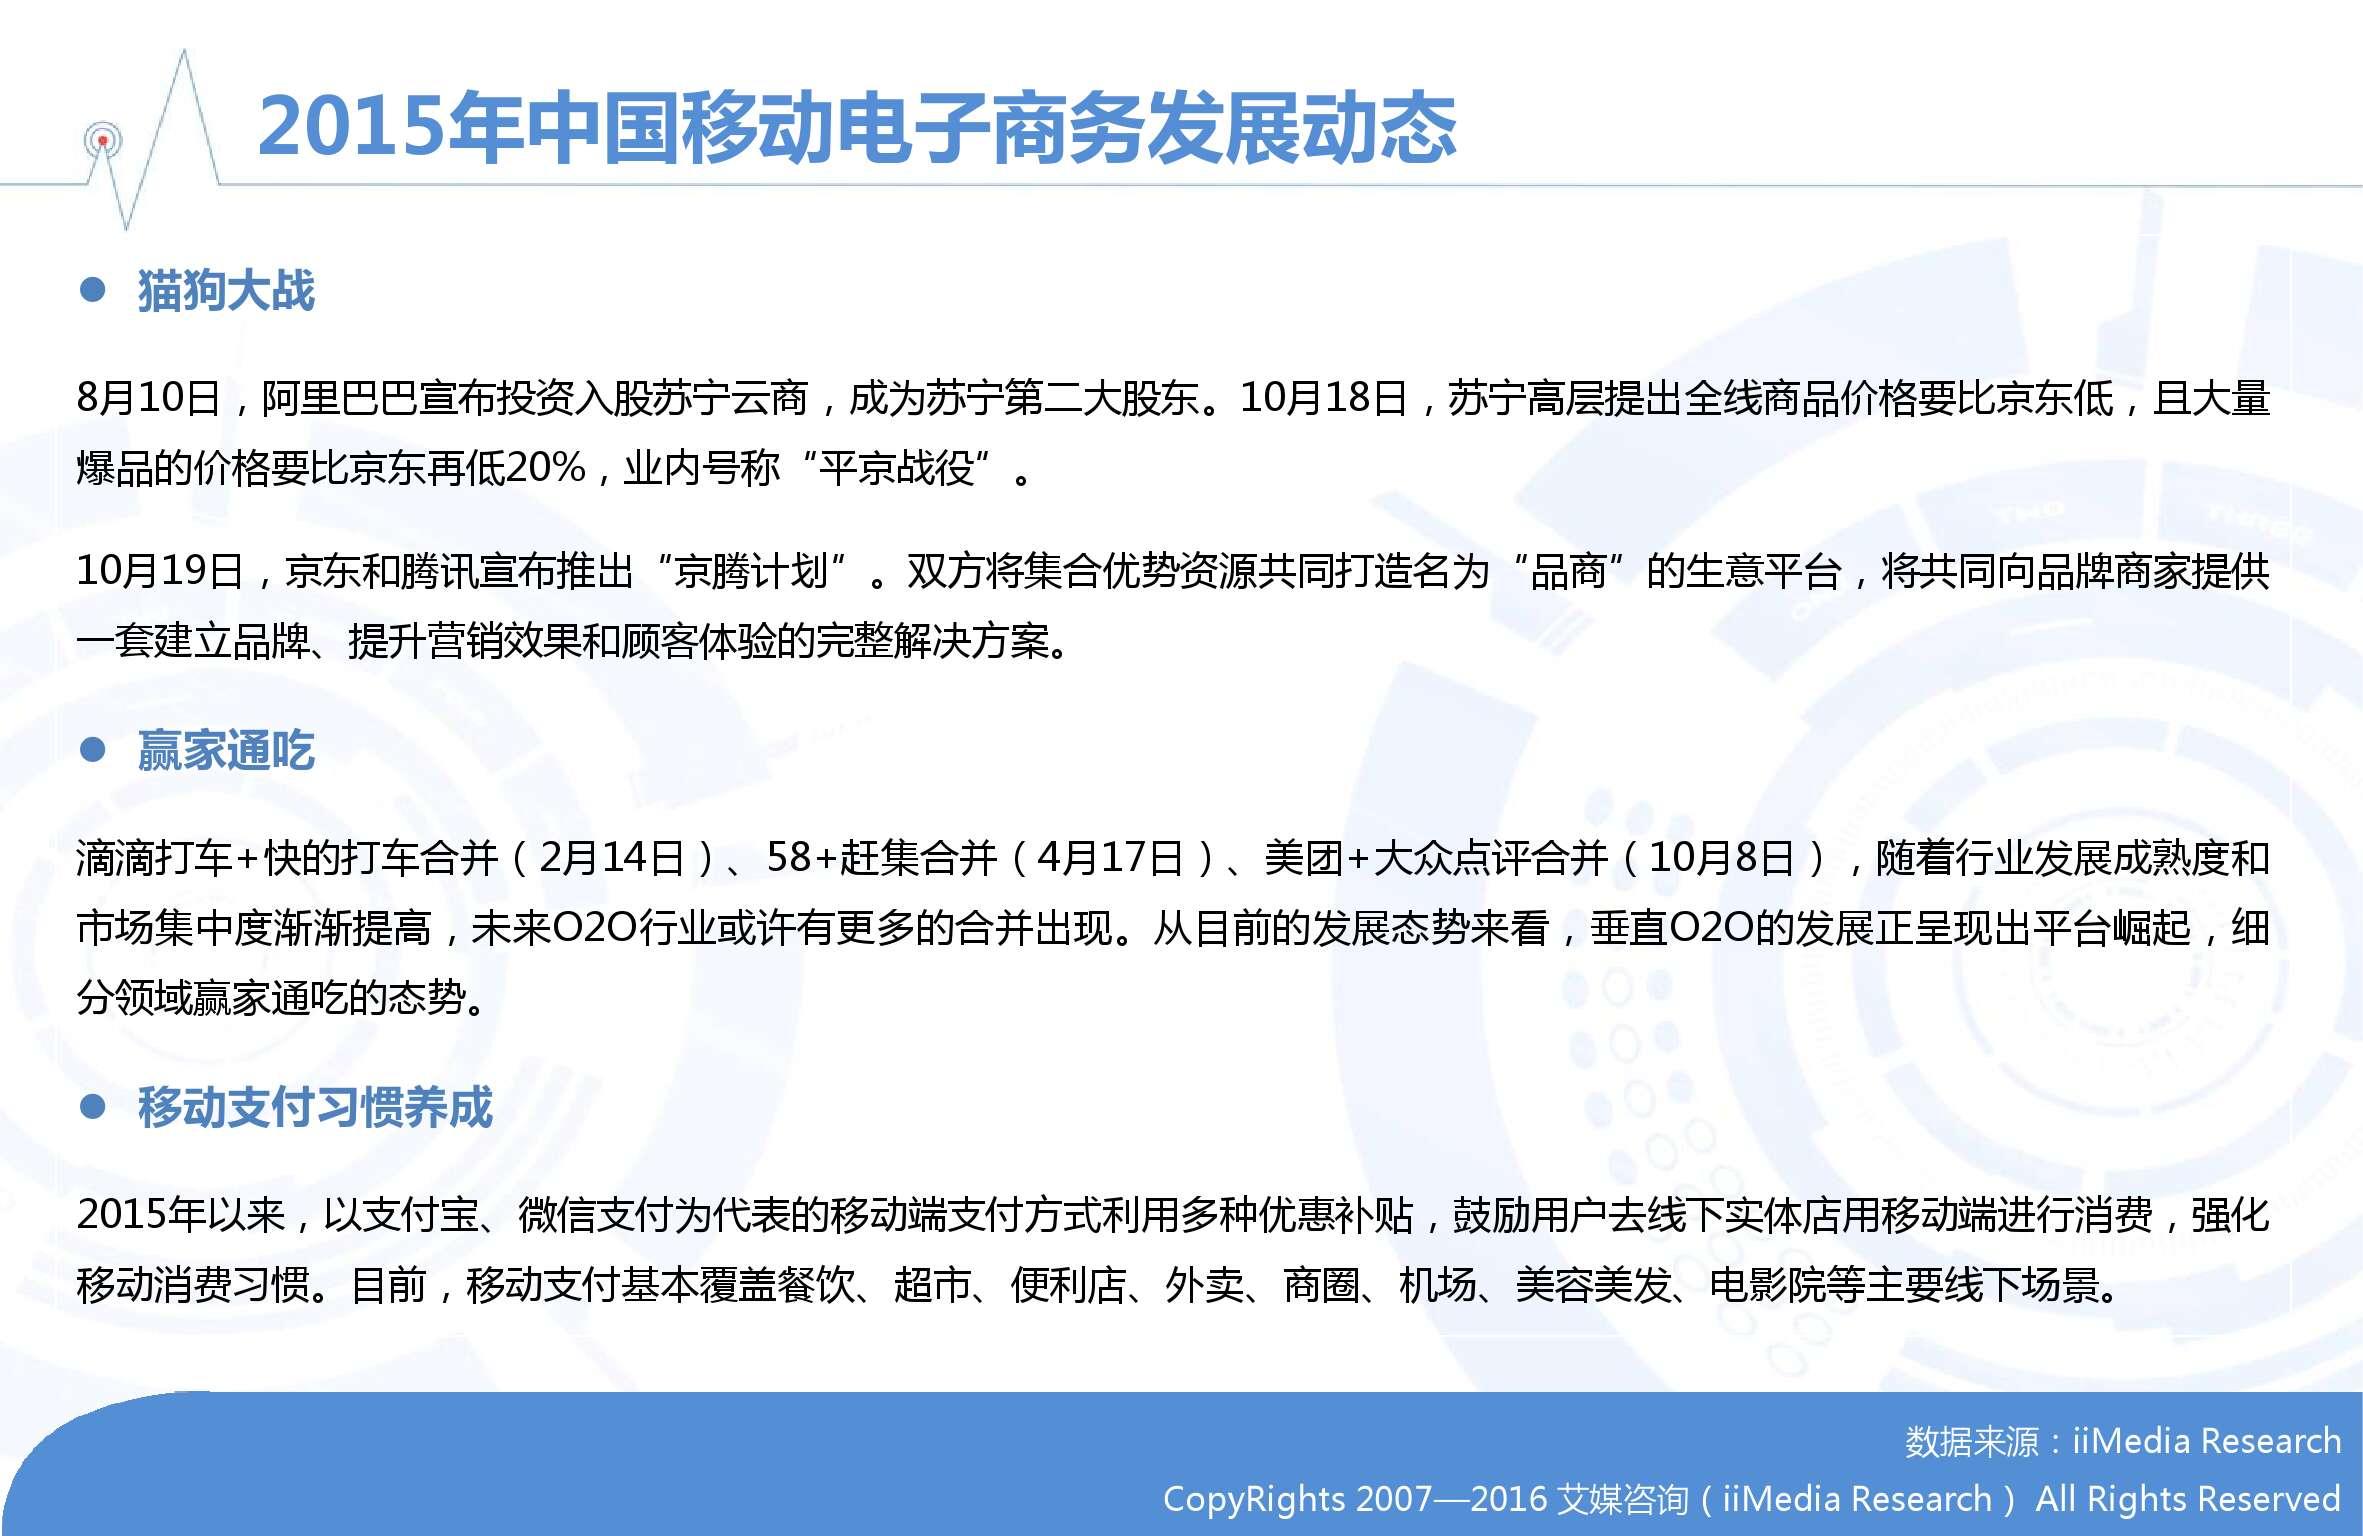 2015-2016中国移动电商市场年度报告_000006